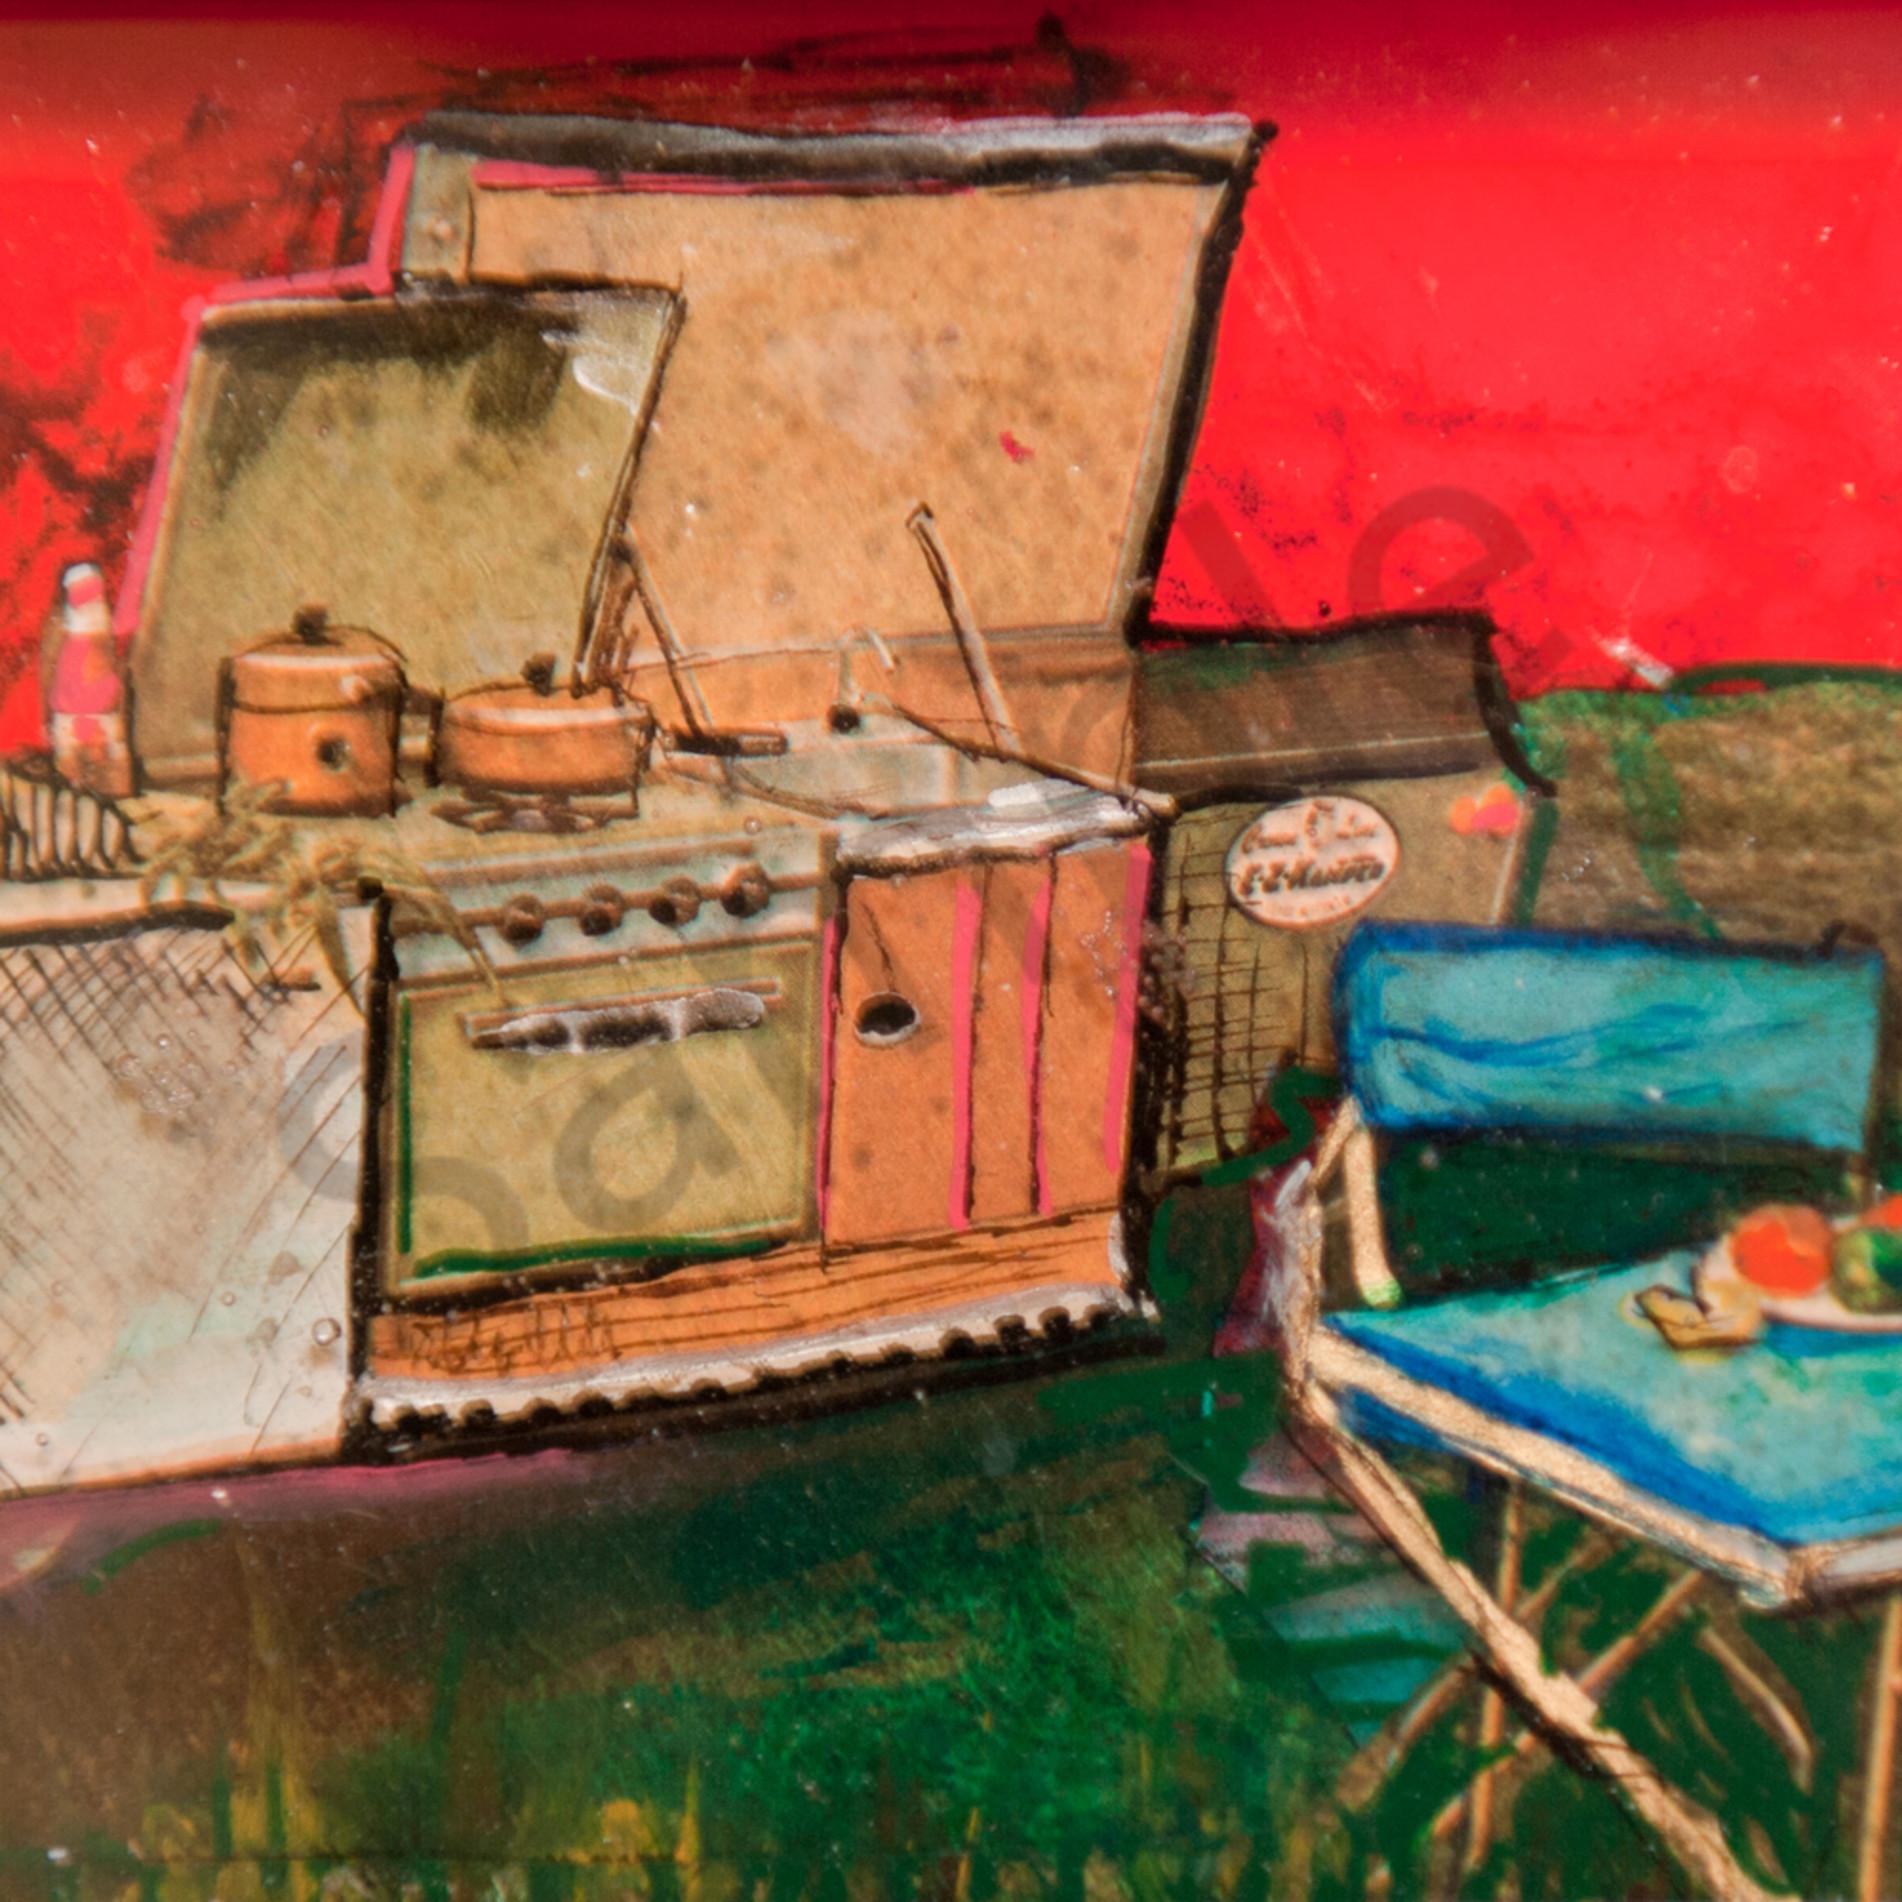 Camp kitchen xwirk4